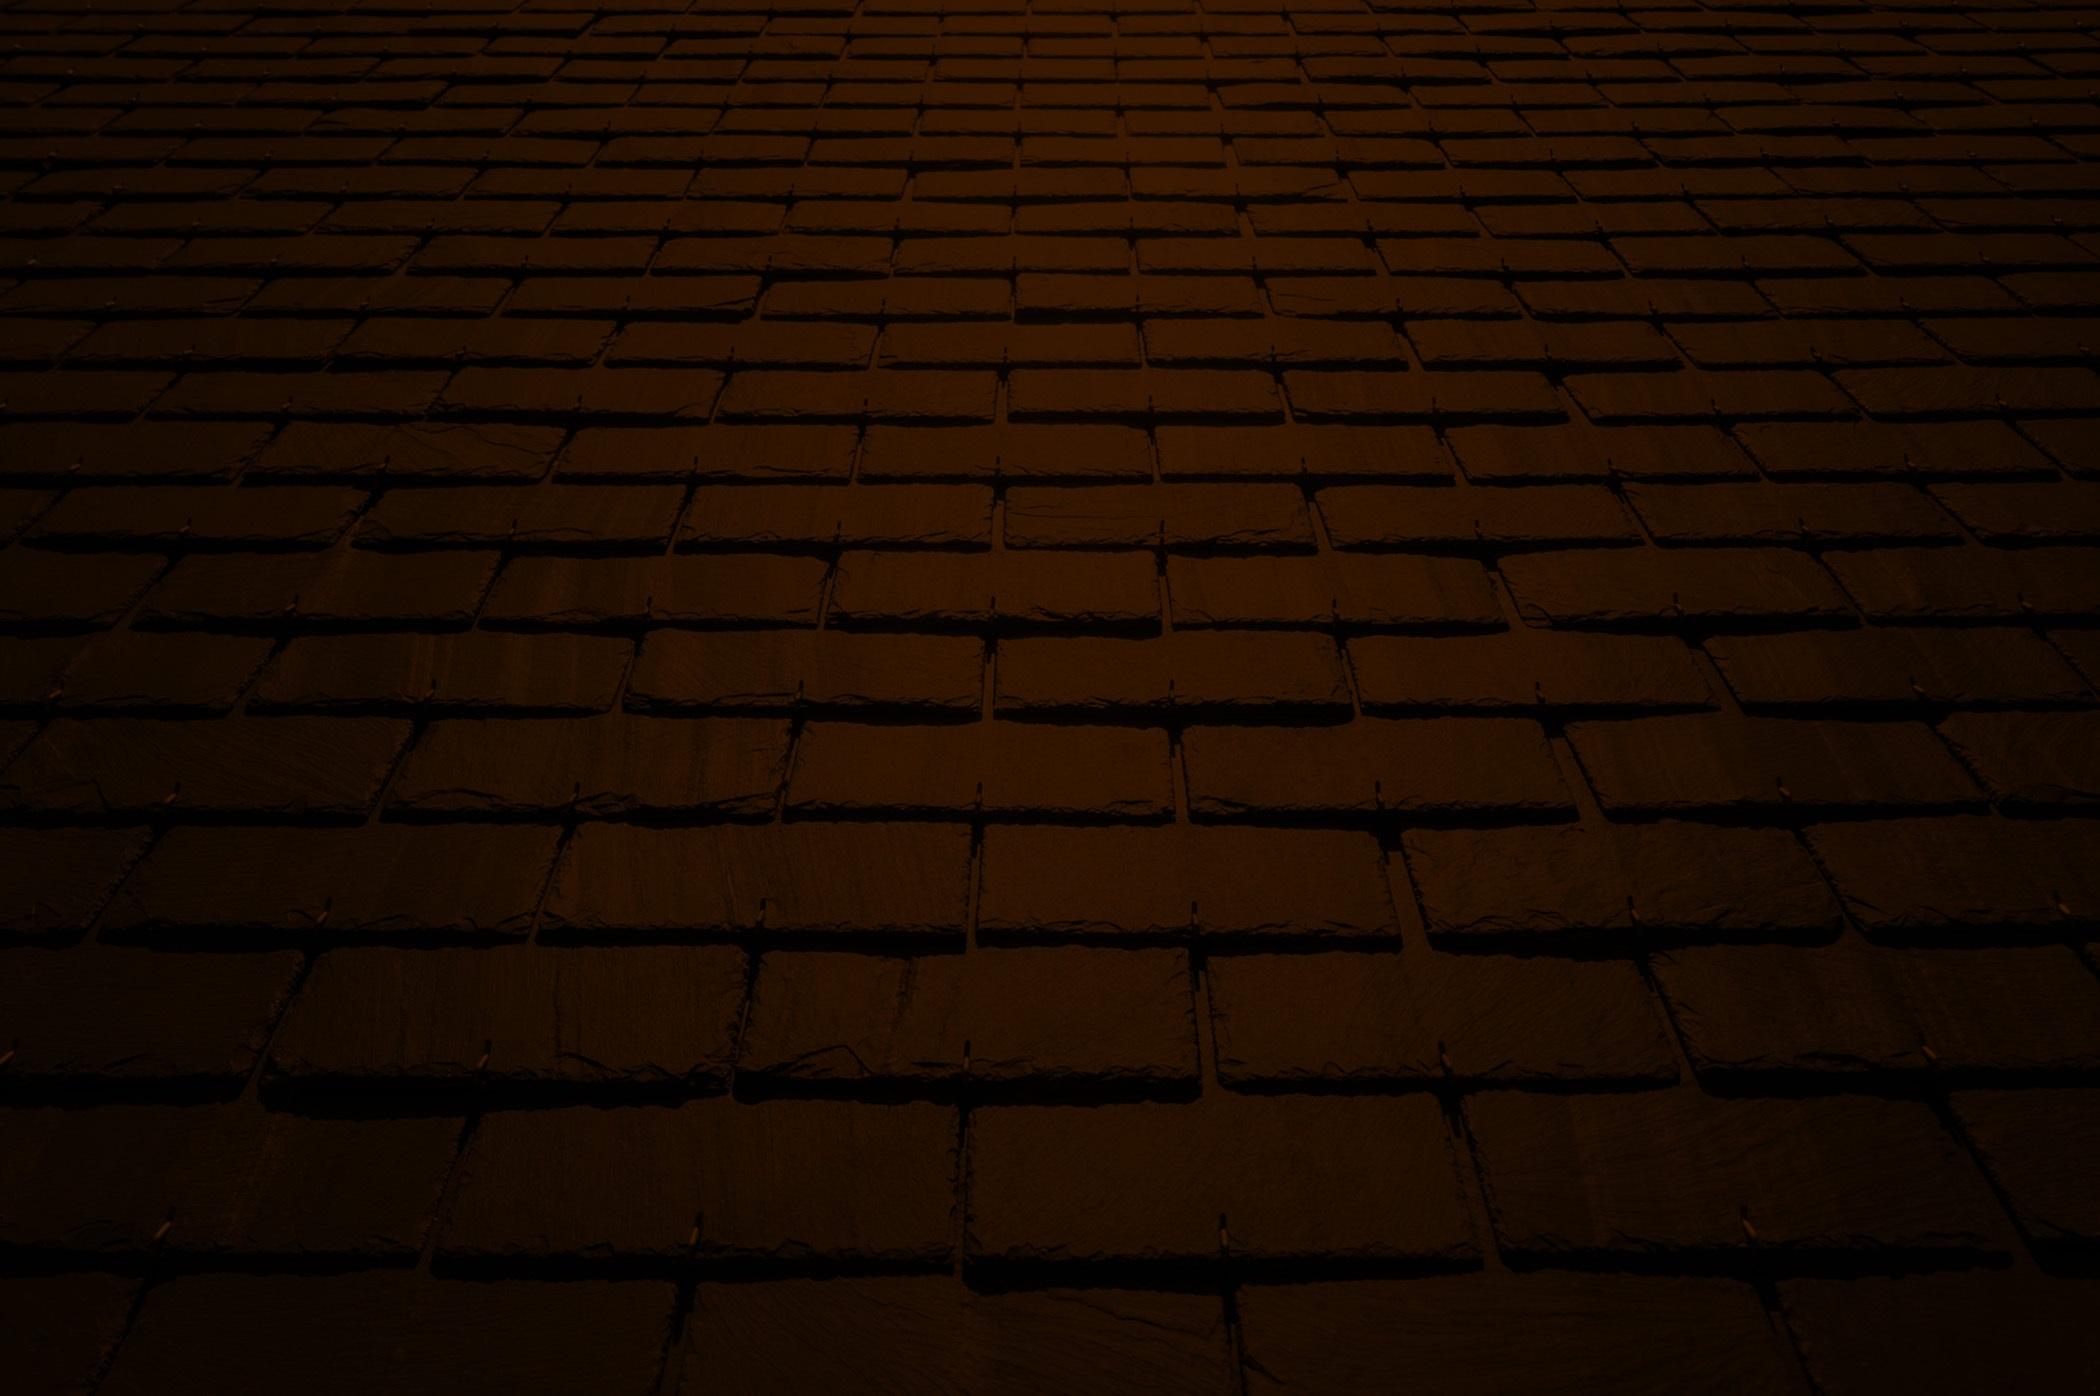 Tejados de pizarra madrid simple tejados de pizarra - Tejados de pizarra ...